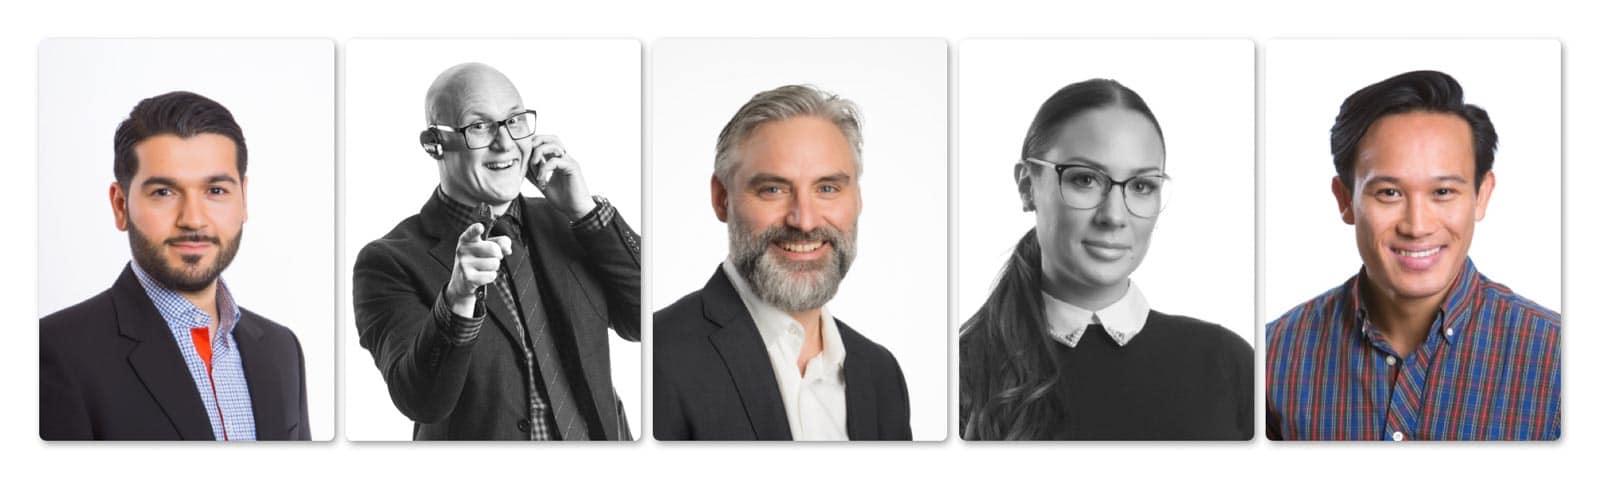 Porträttbilder i studio av Fotograf Jannis